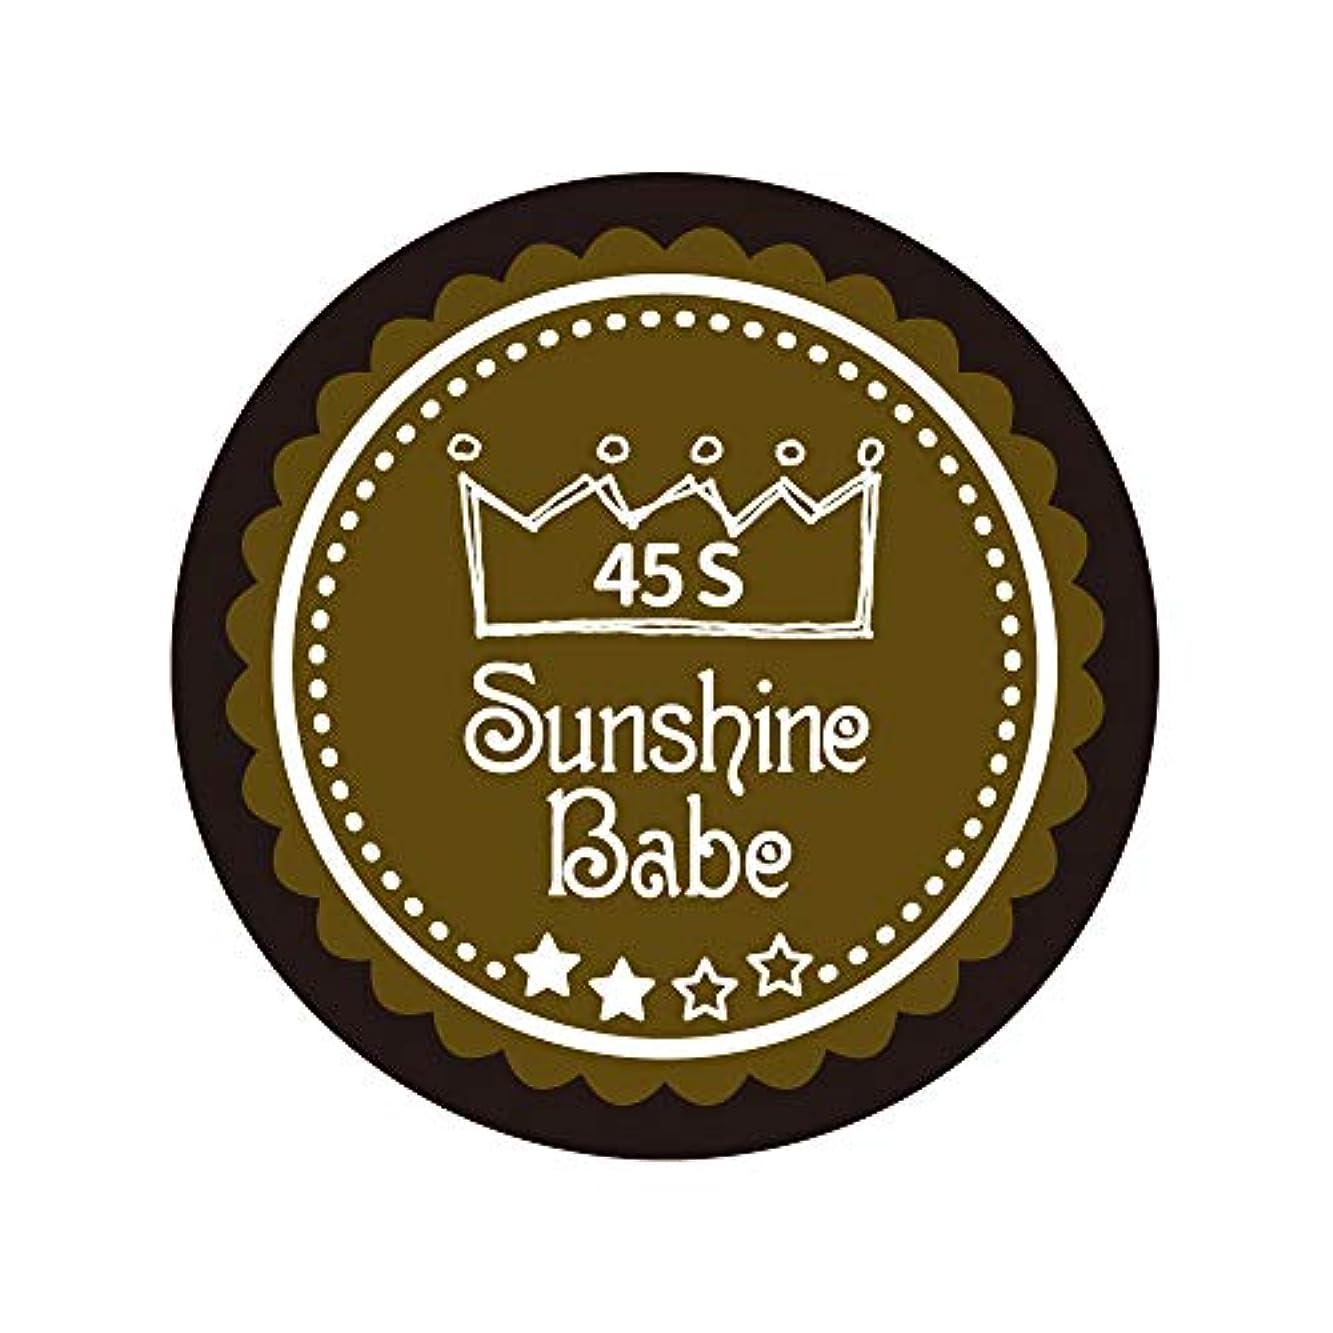 感性観察する絶縁するSunshine Babe カラージェル 45S マティーニオリーブ 4g UV/LED対応